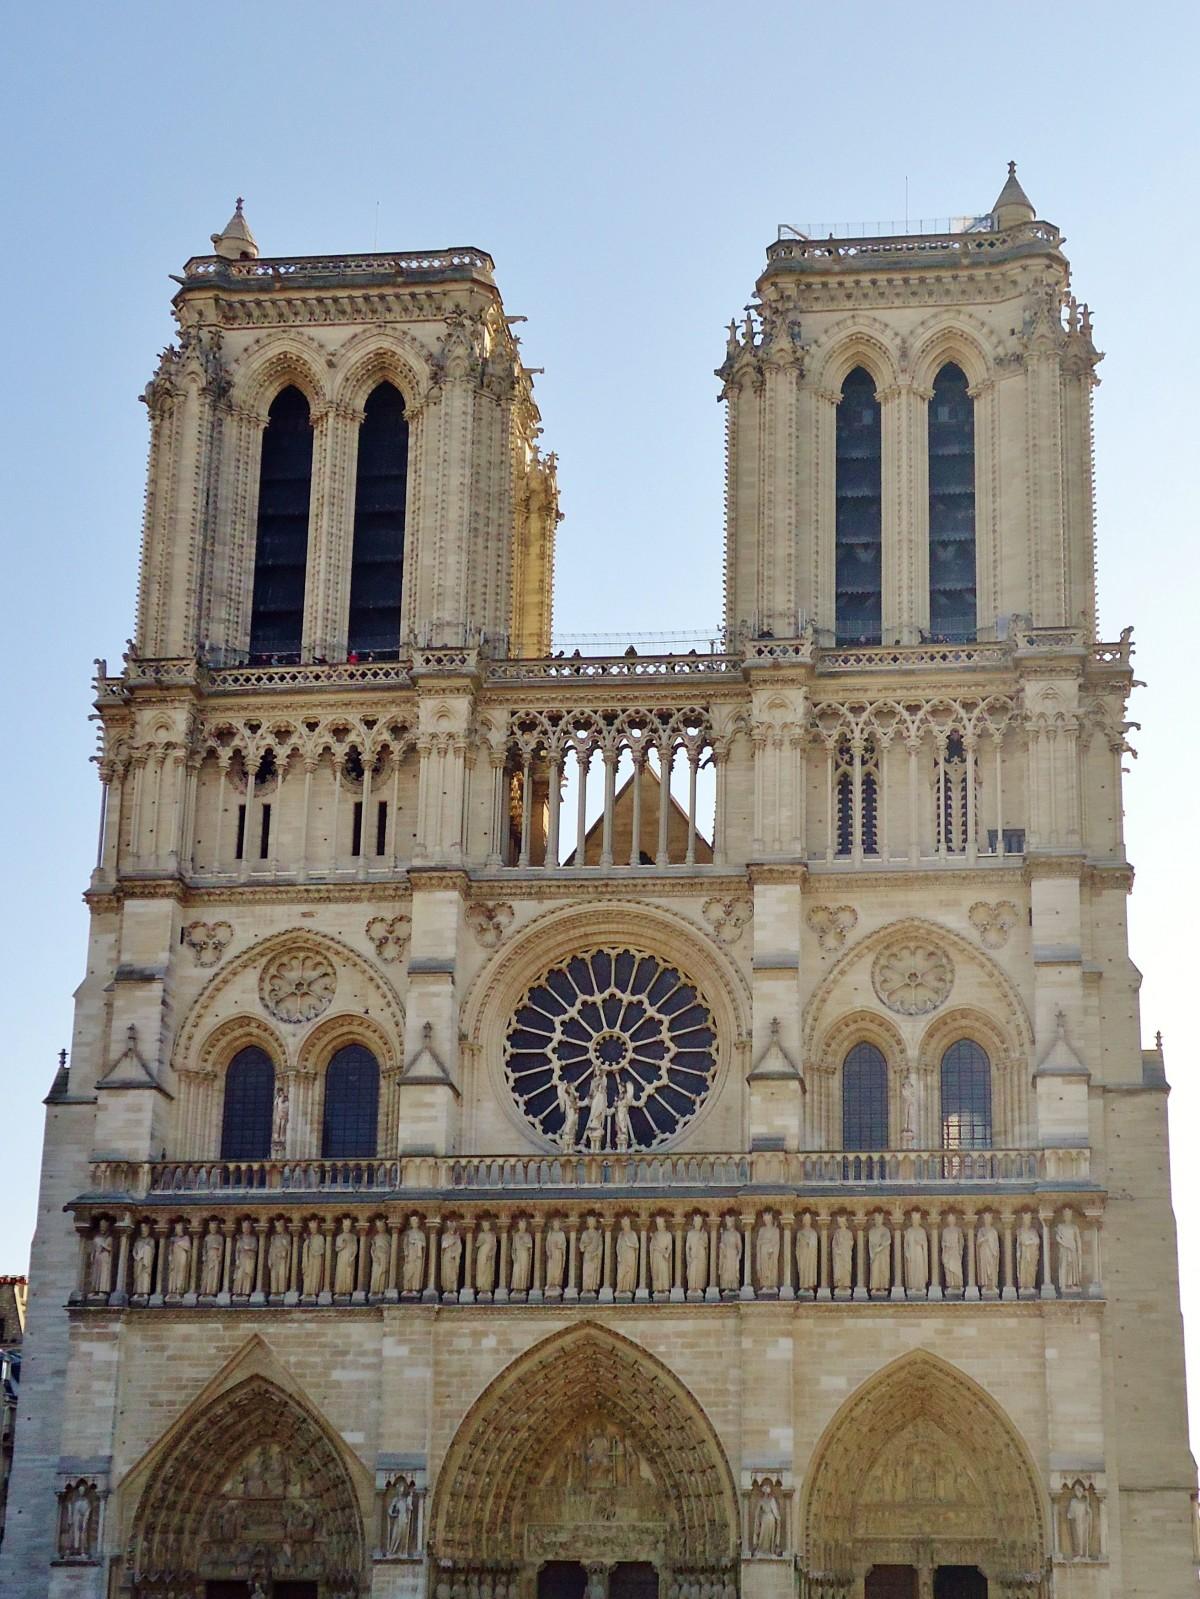 Fotos Gratis Edificio Par S Francia Arco Fachada